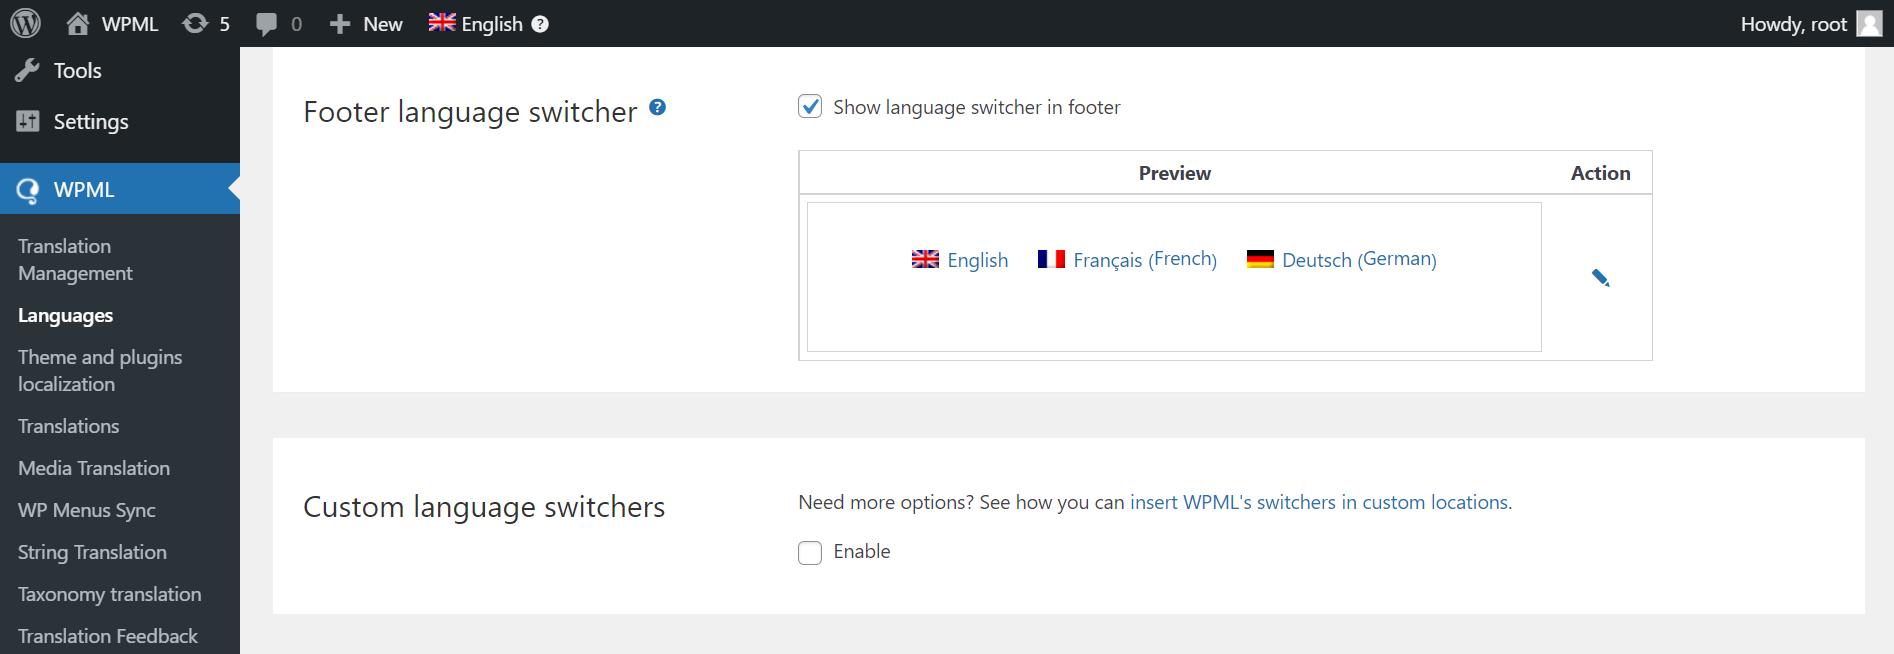 Languages-‹-TESTDEMO-—-WordPress-2